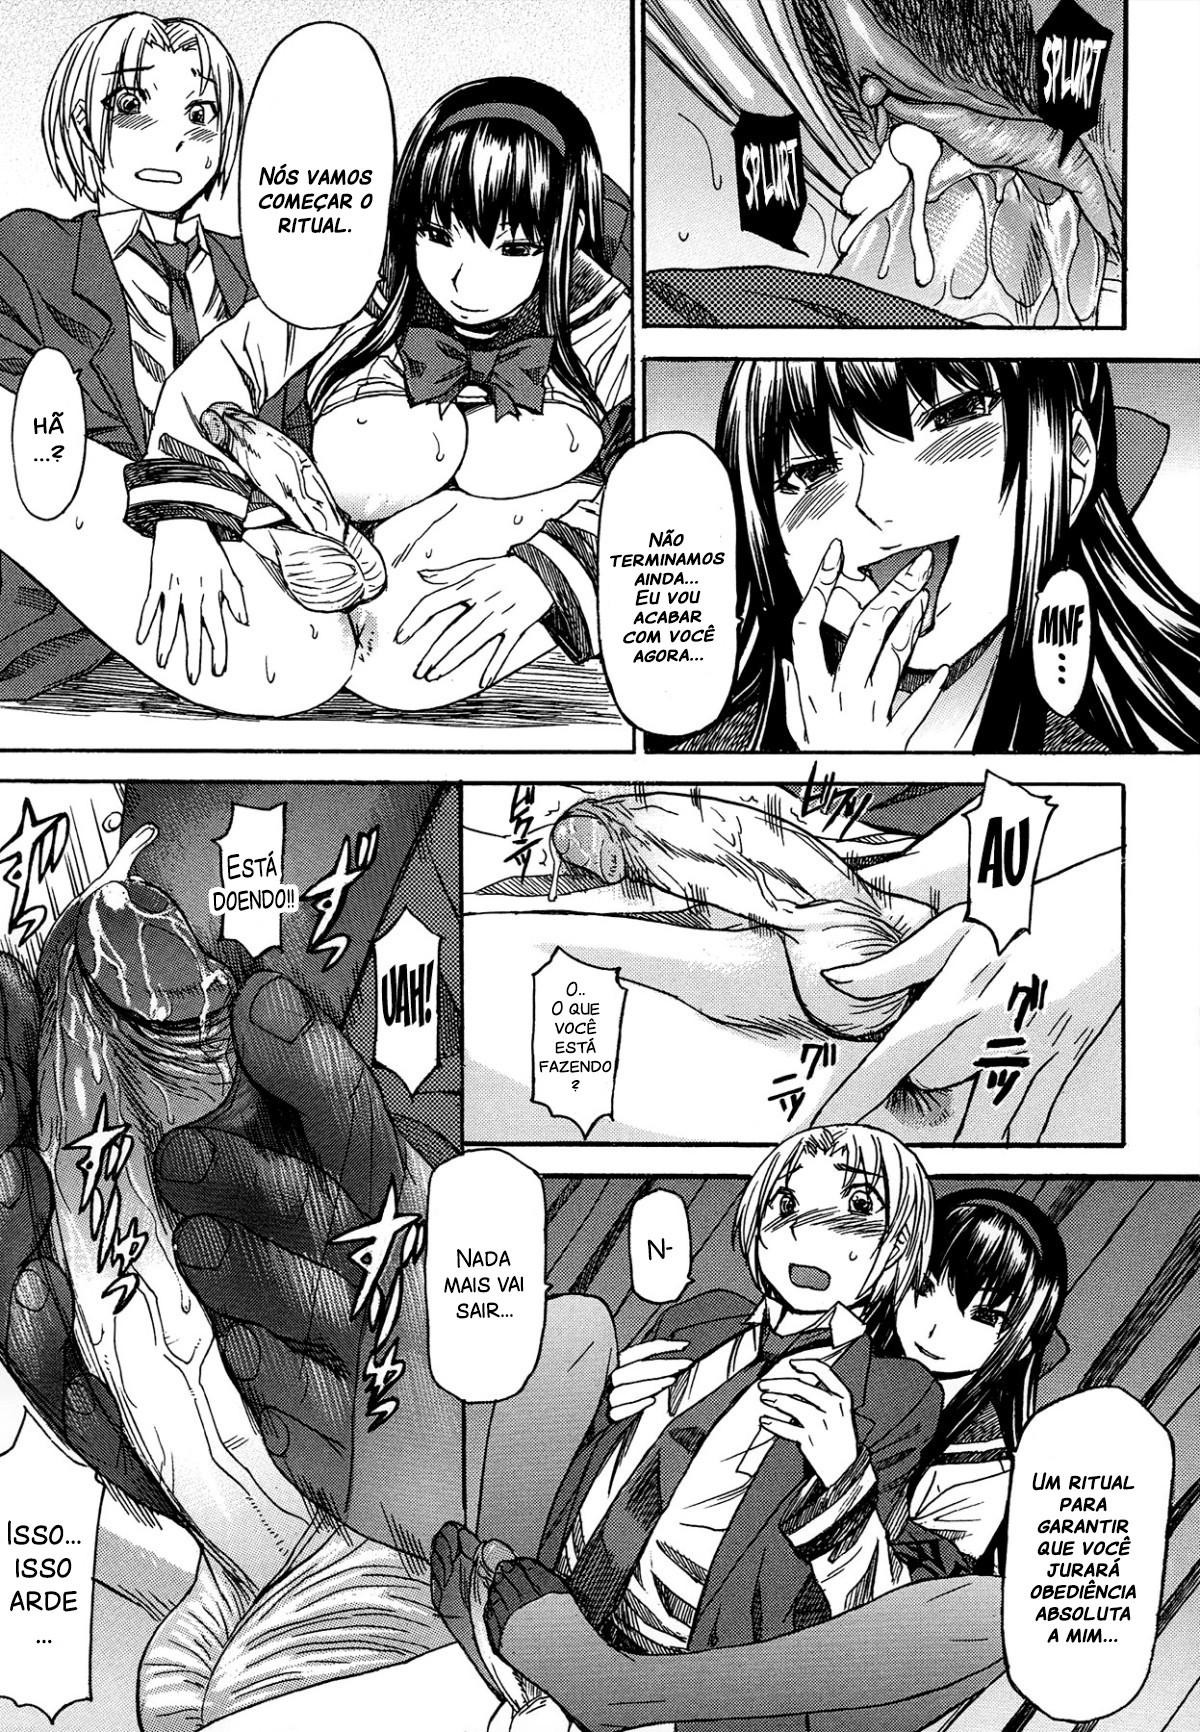 Ashigami Capitulo 5 - pagina 33